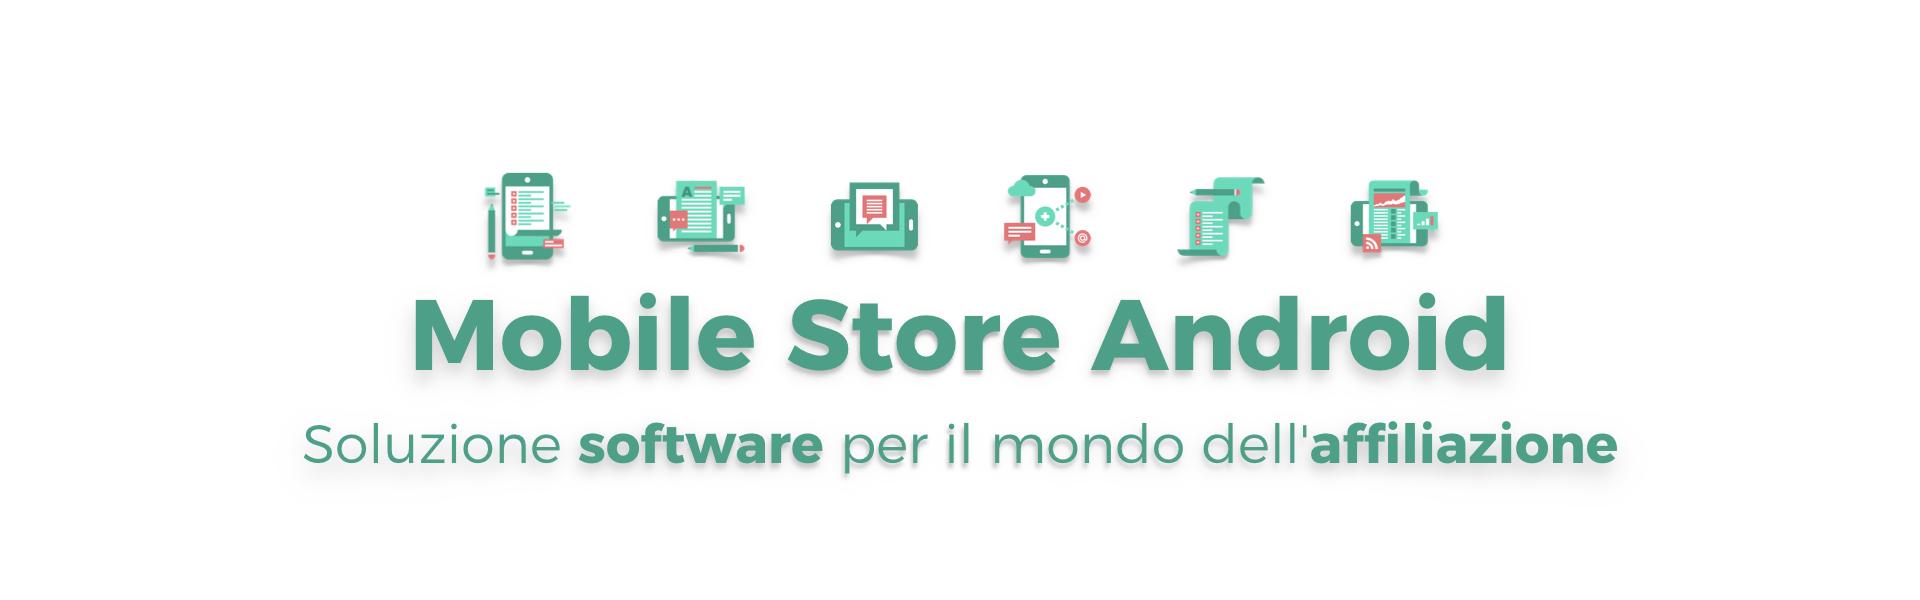 Mobile Store Android: soluzione per il mondo dell'affiliazione